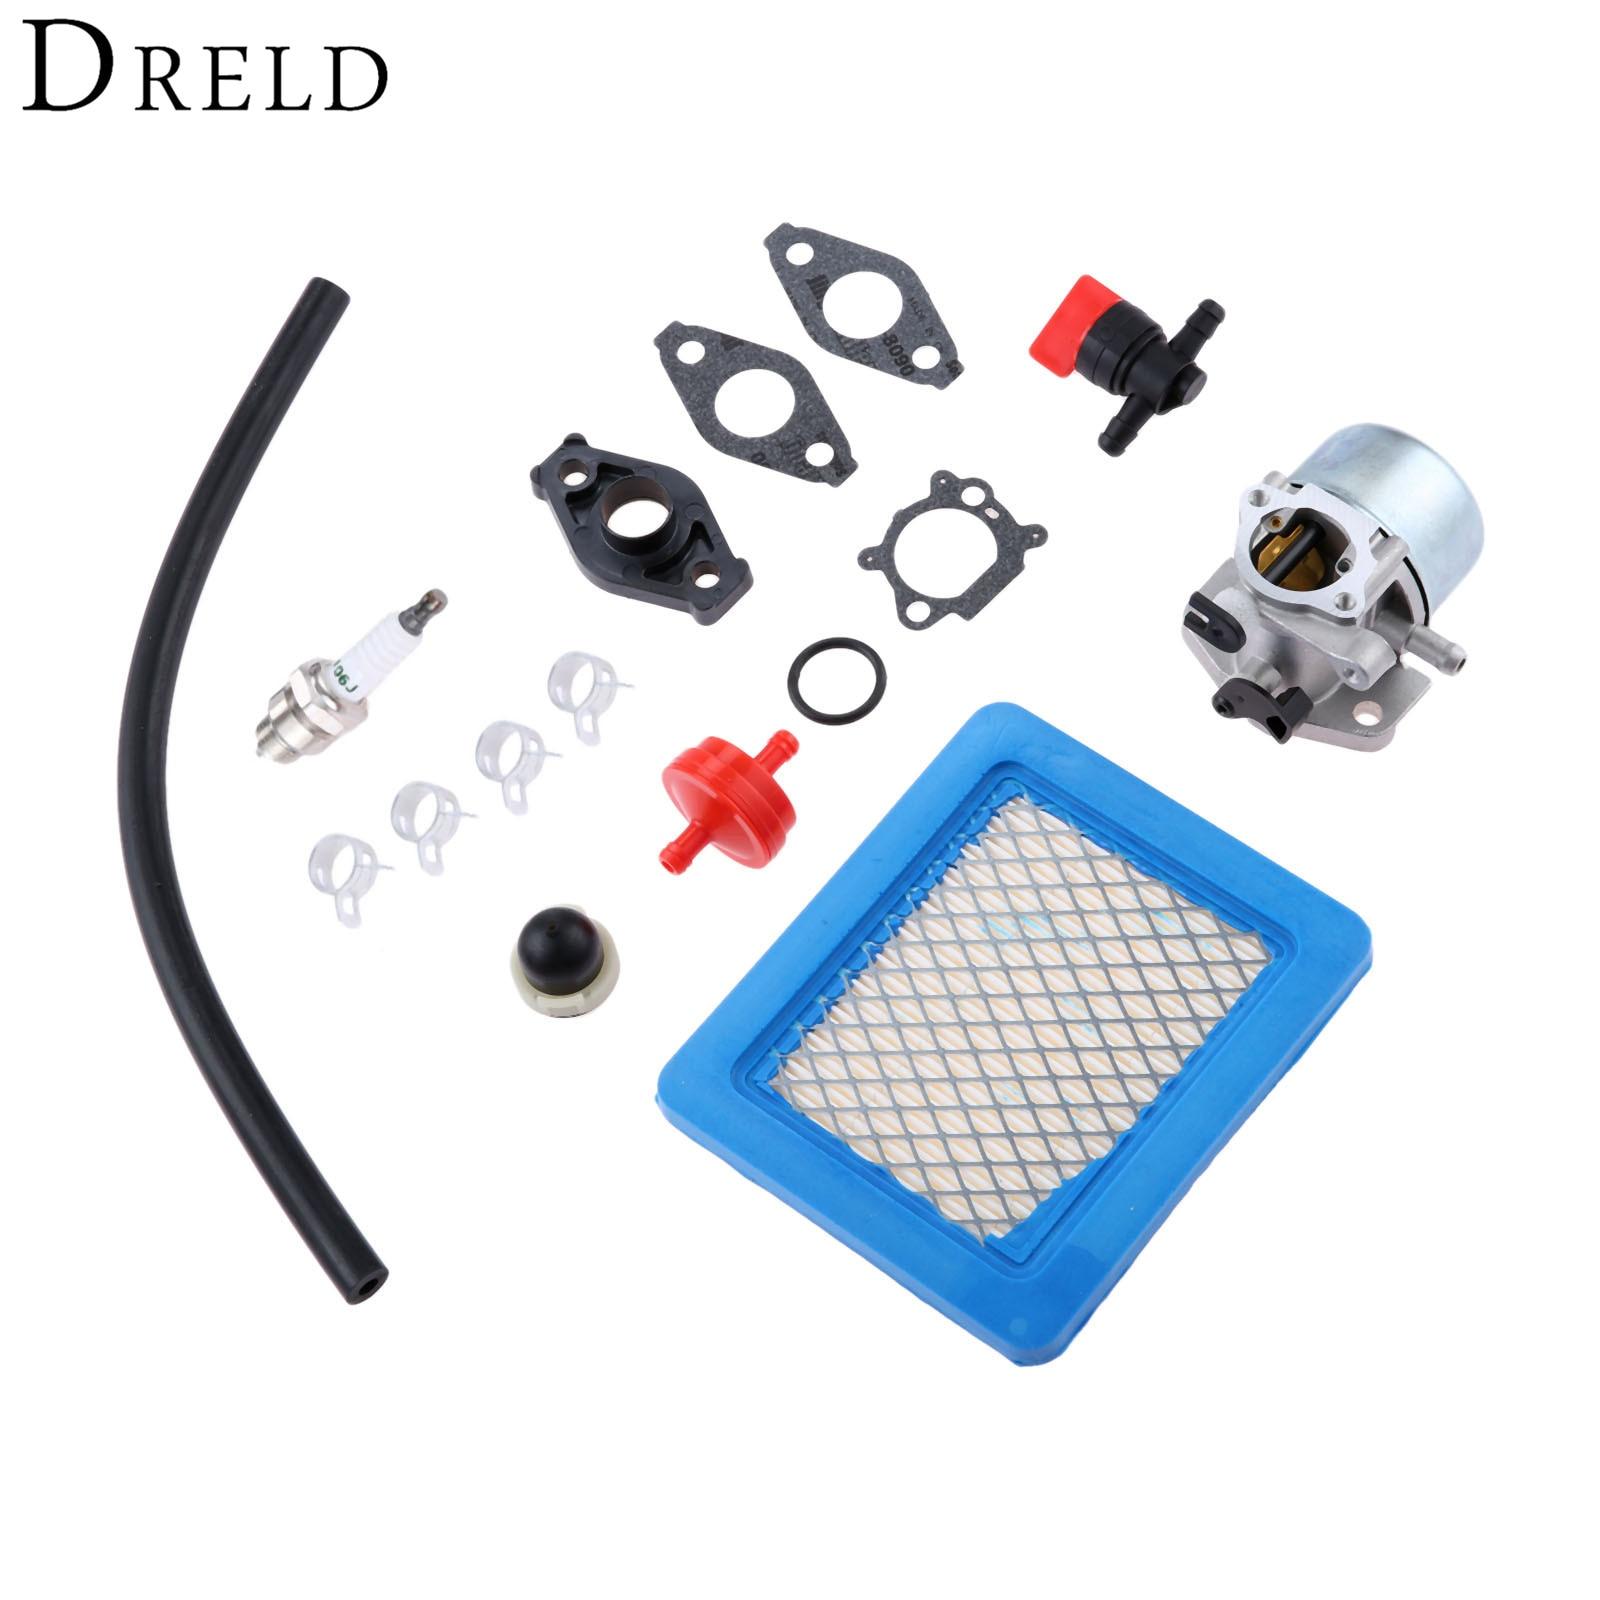 DRELD Carburetor Carb Repair Rebuild Tool Set For Briggs Stratton 799866 790845 799871 796707 794304 4 Cycle Lawn Mower Engine